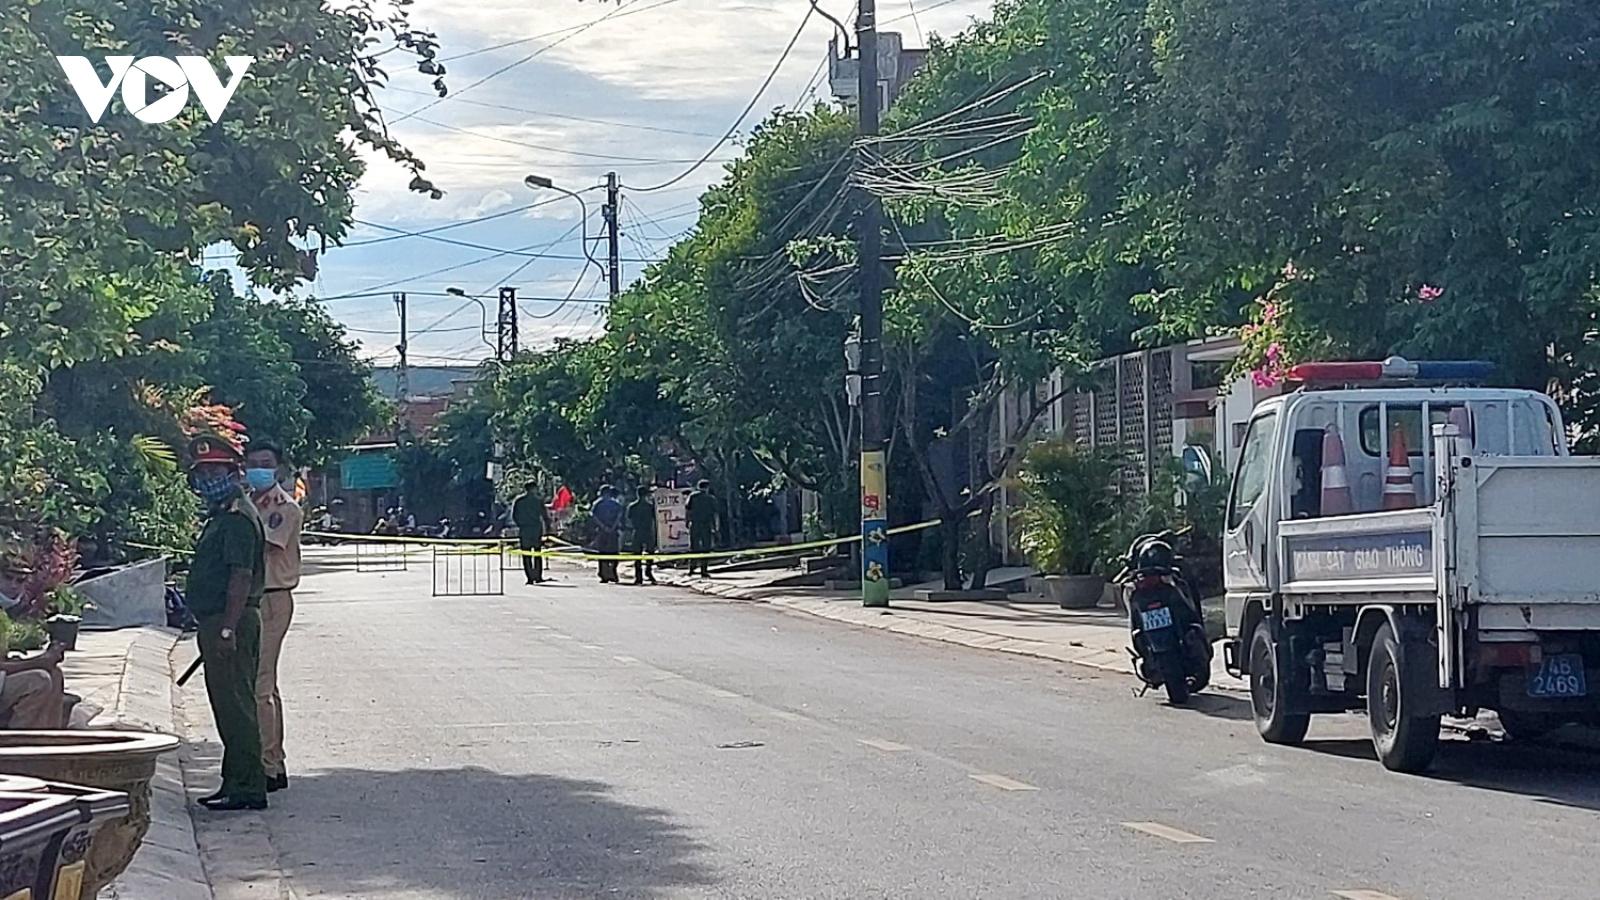 Bắn chết 1 người đàn ông trong đêm, nghi phạm ra đầu thú